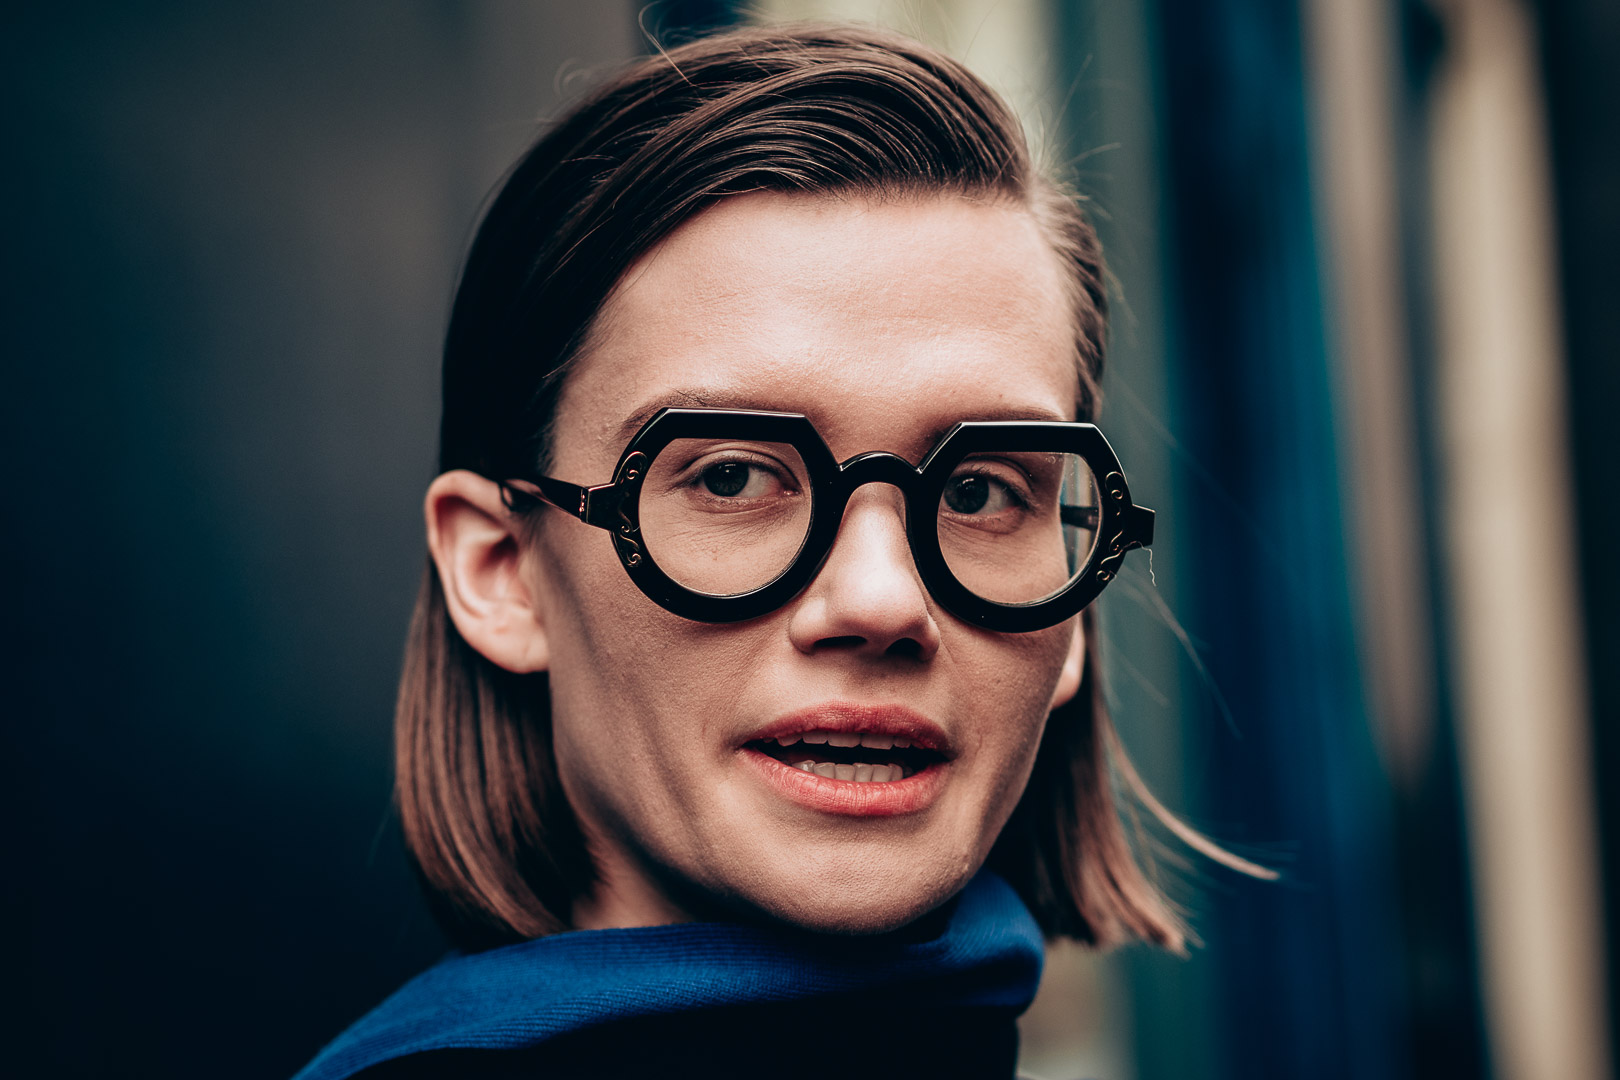 women wear big eyewear glass during Paris Fashion Week